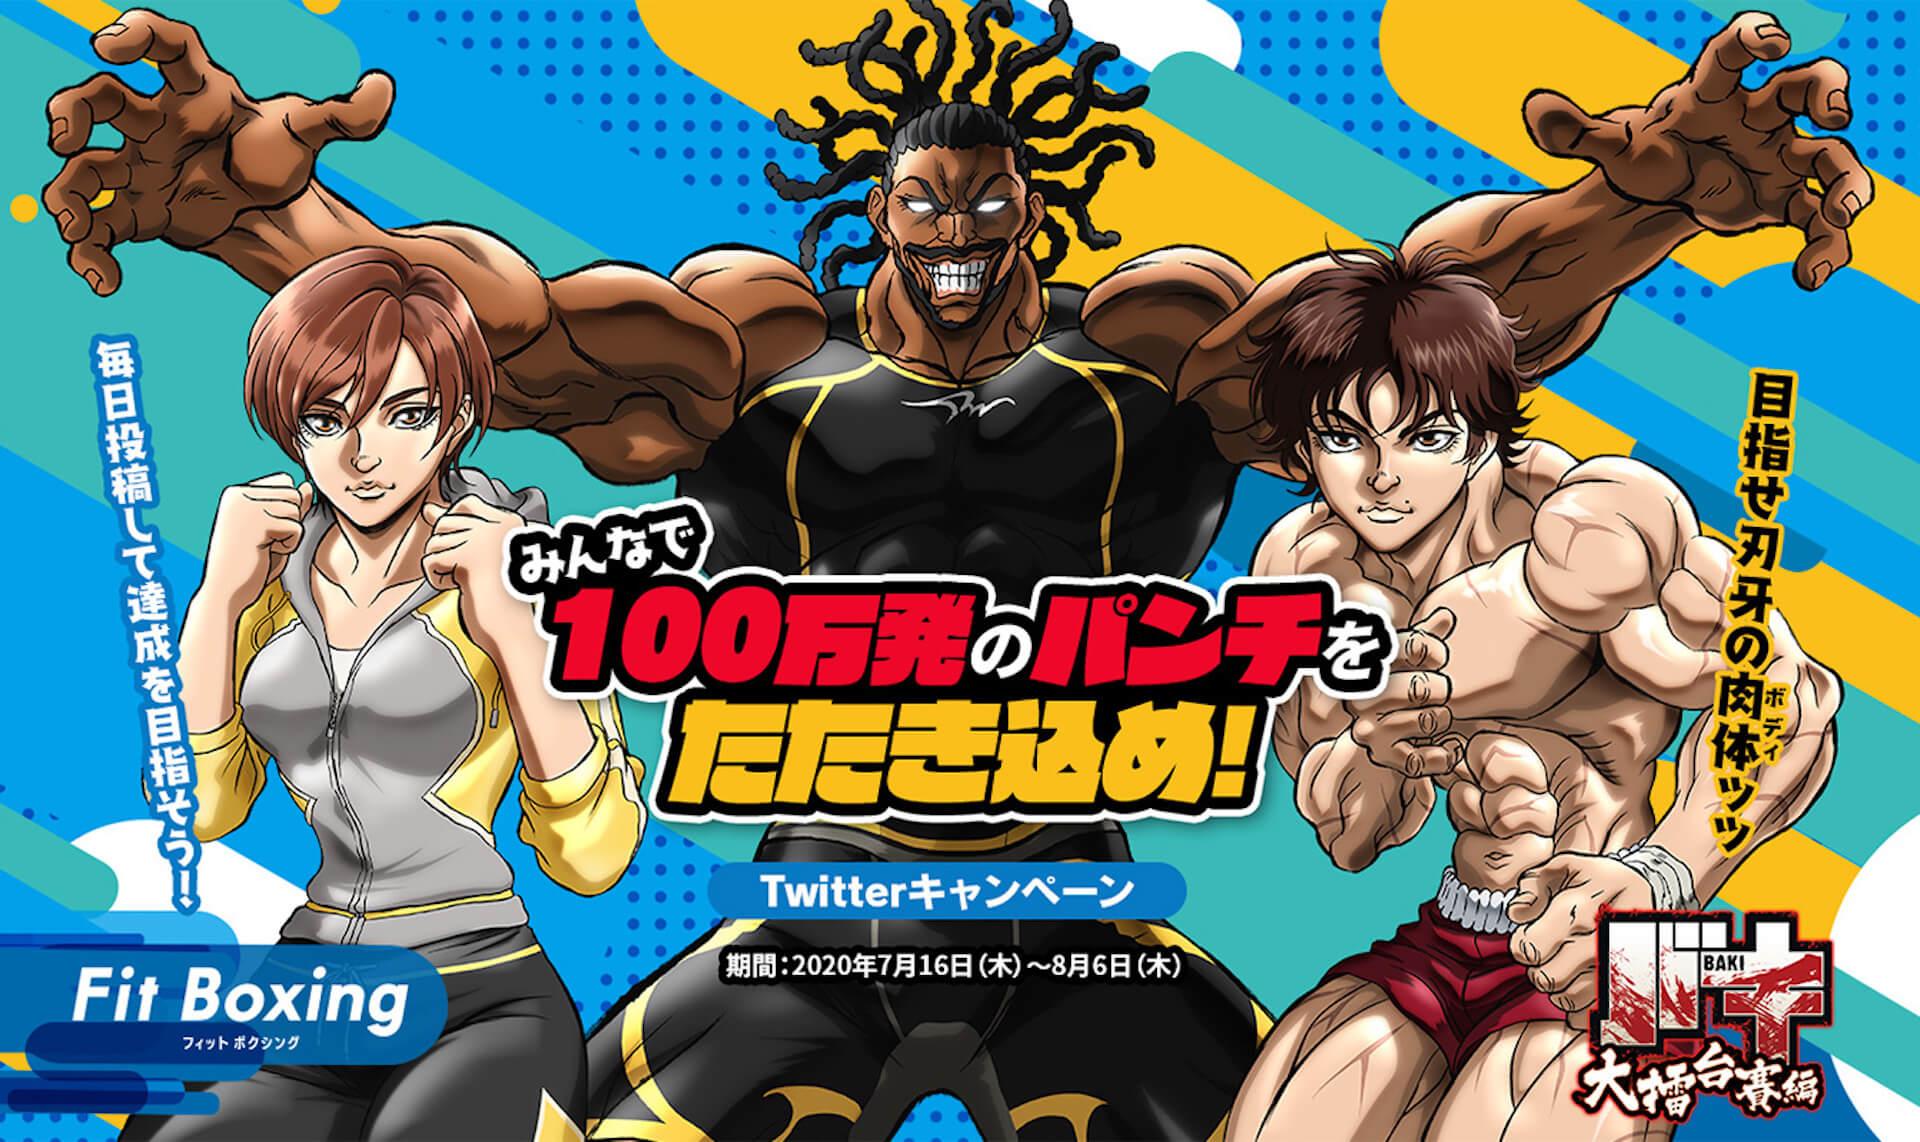 Netflixで配信中のアニメ『バキ』とNintendo Switch人気ソフト『Fit Boxing』がまさかのコラボ!「100万発のパンチを叩き込め!」Twitterキャンペーンが開催 tech200716_baki_fitboxing_2